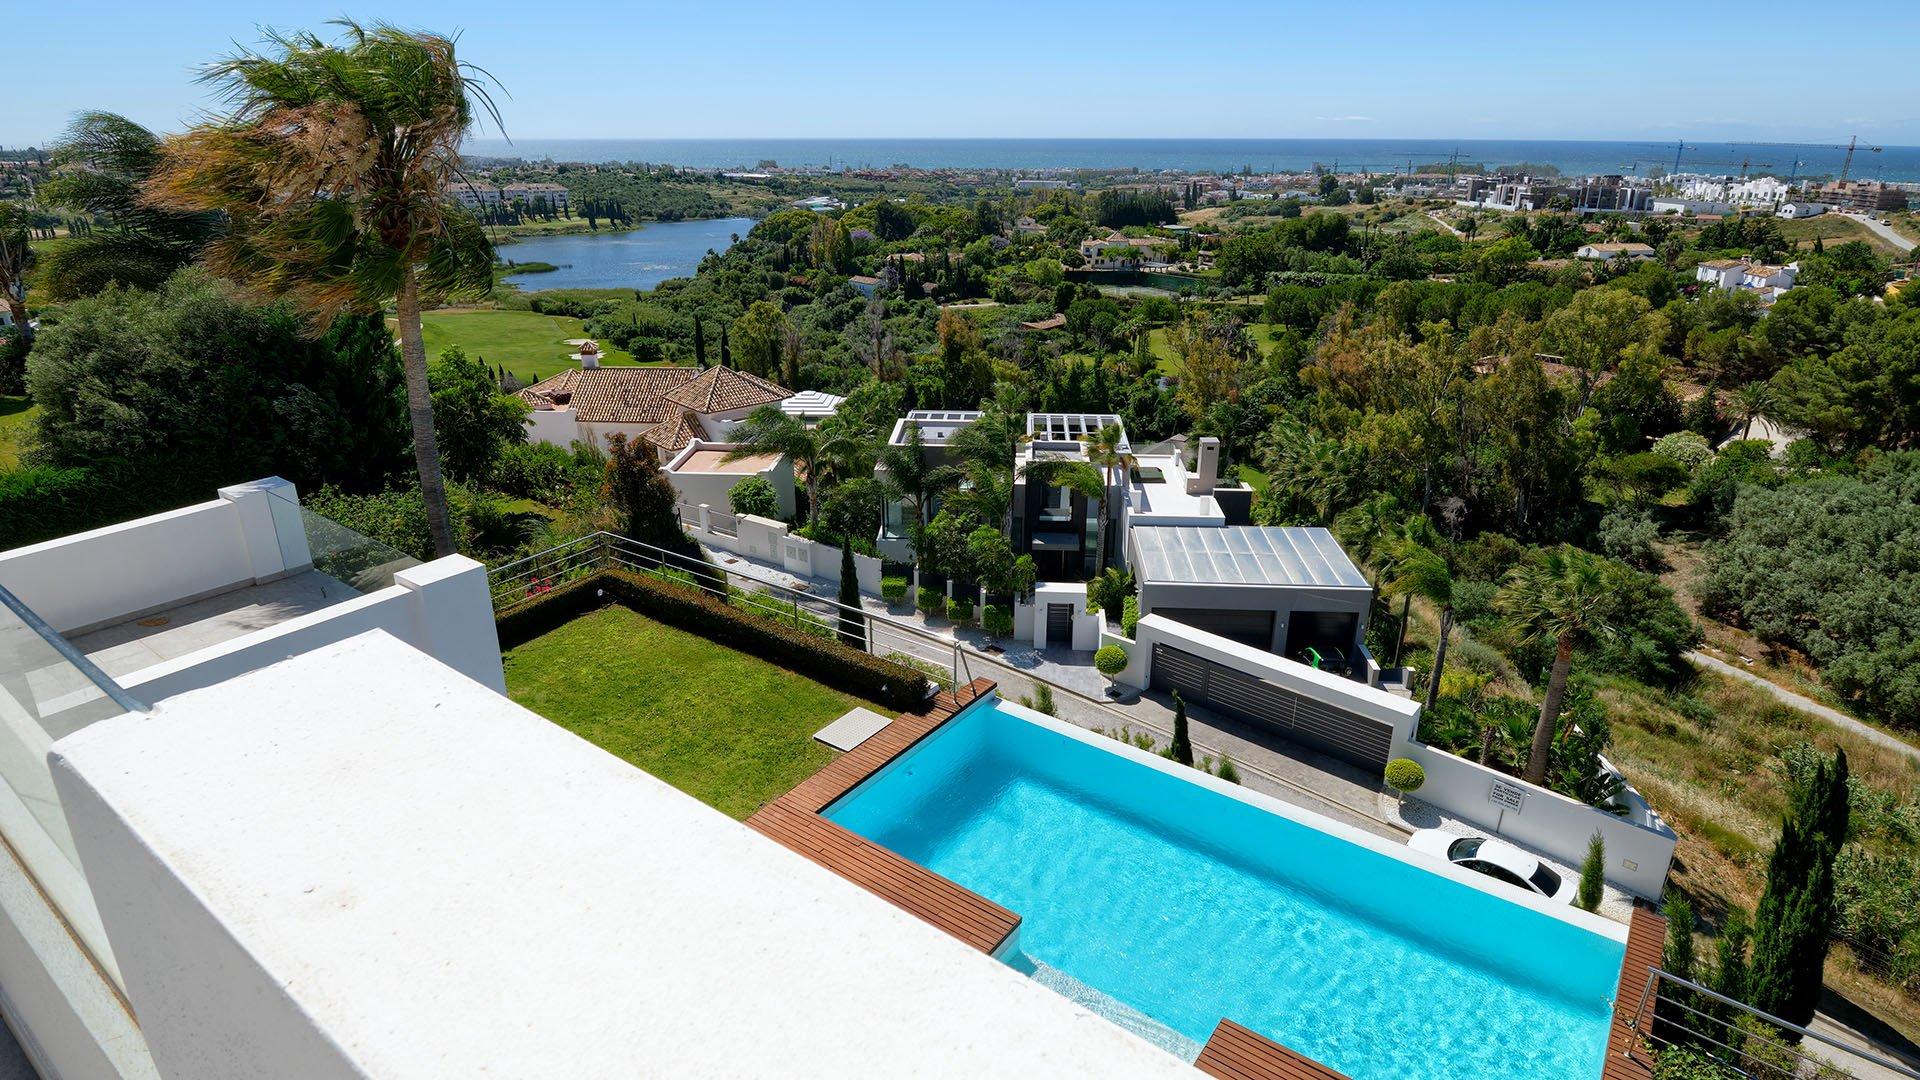 Villa Los Flamingos 22: Moderne villa met onovertroffen panoramisch uitzicht op zee en kust